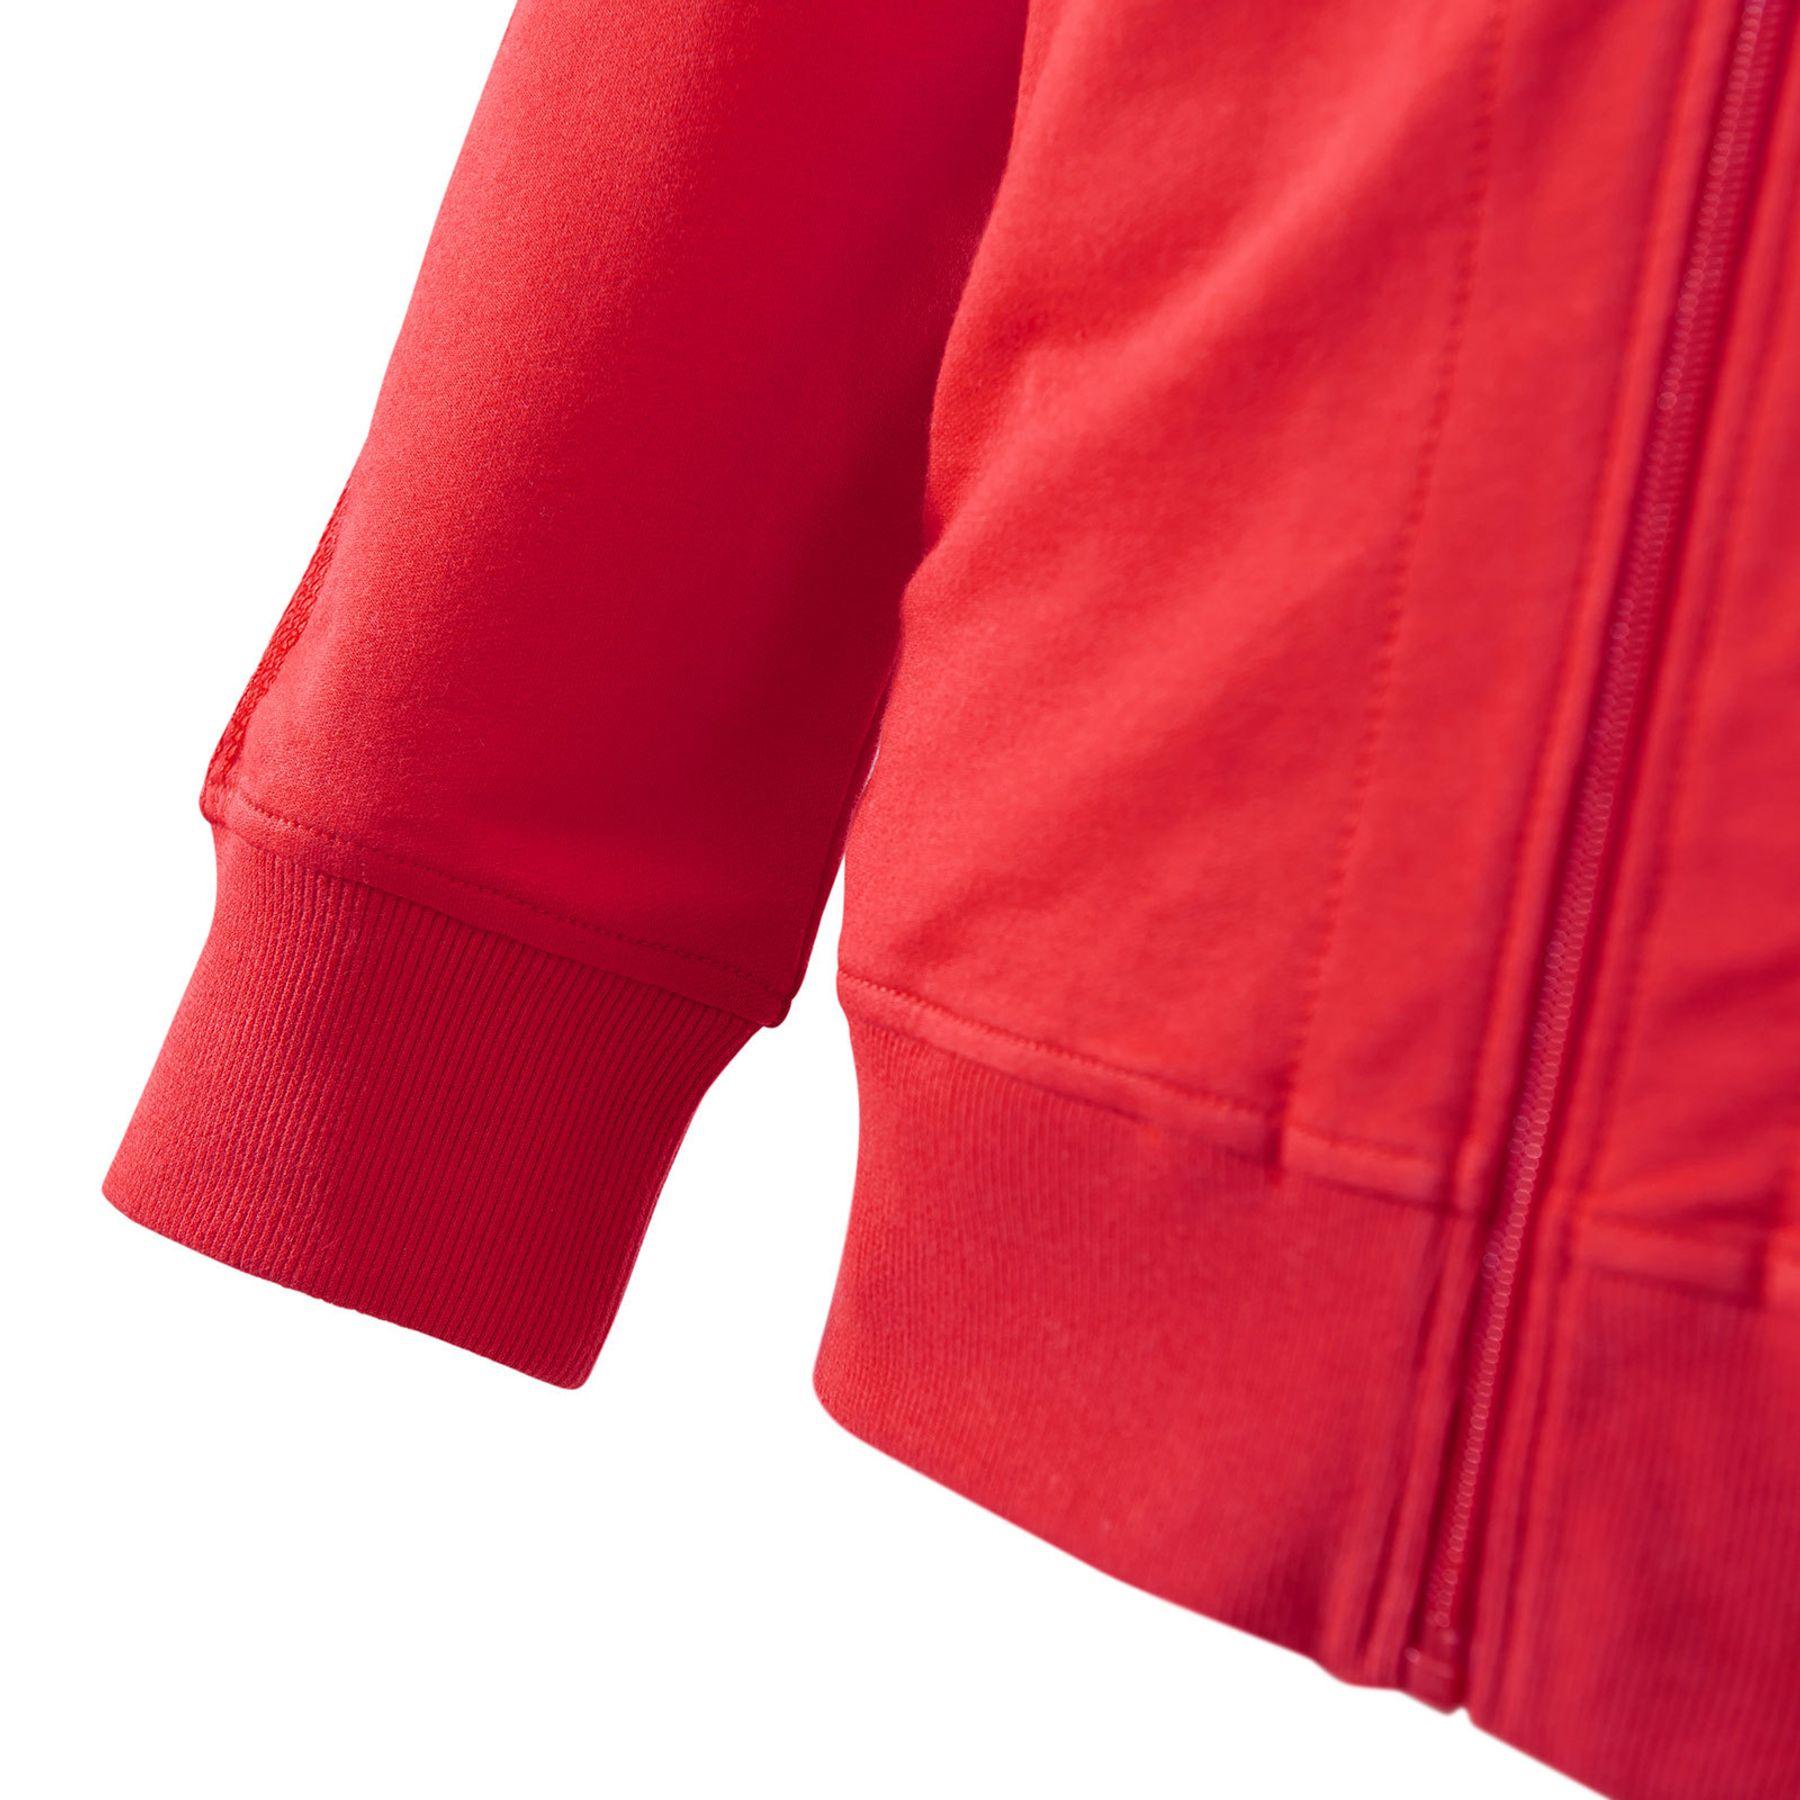 Joy - Herren Sport und Freizeit Jacke in verschiedenen Farben, Dirk (40067 A) – Bild 11